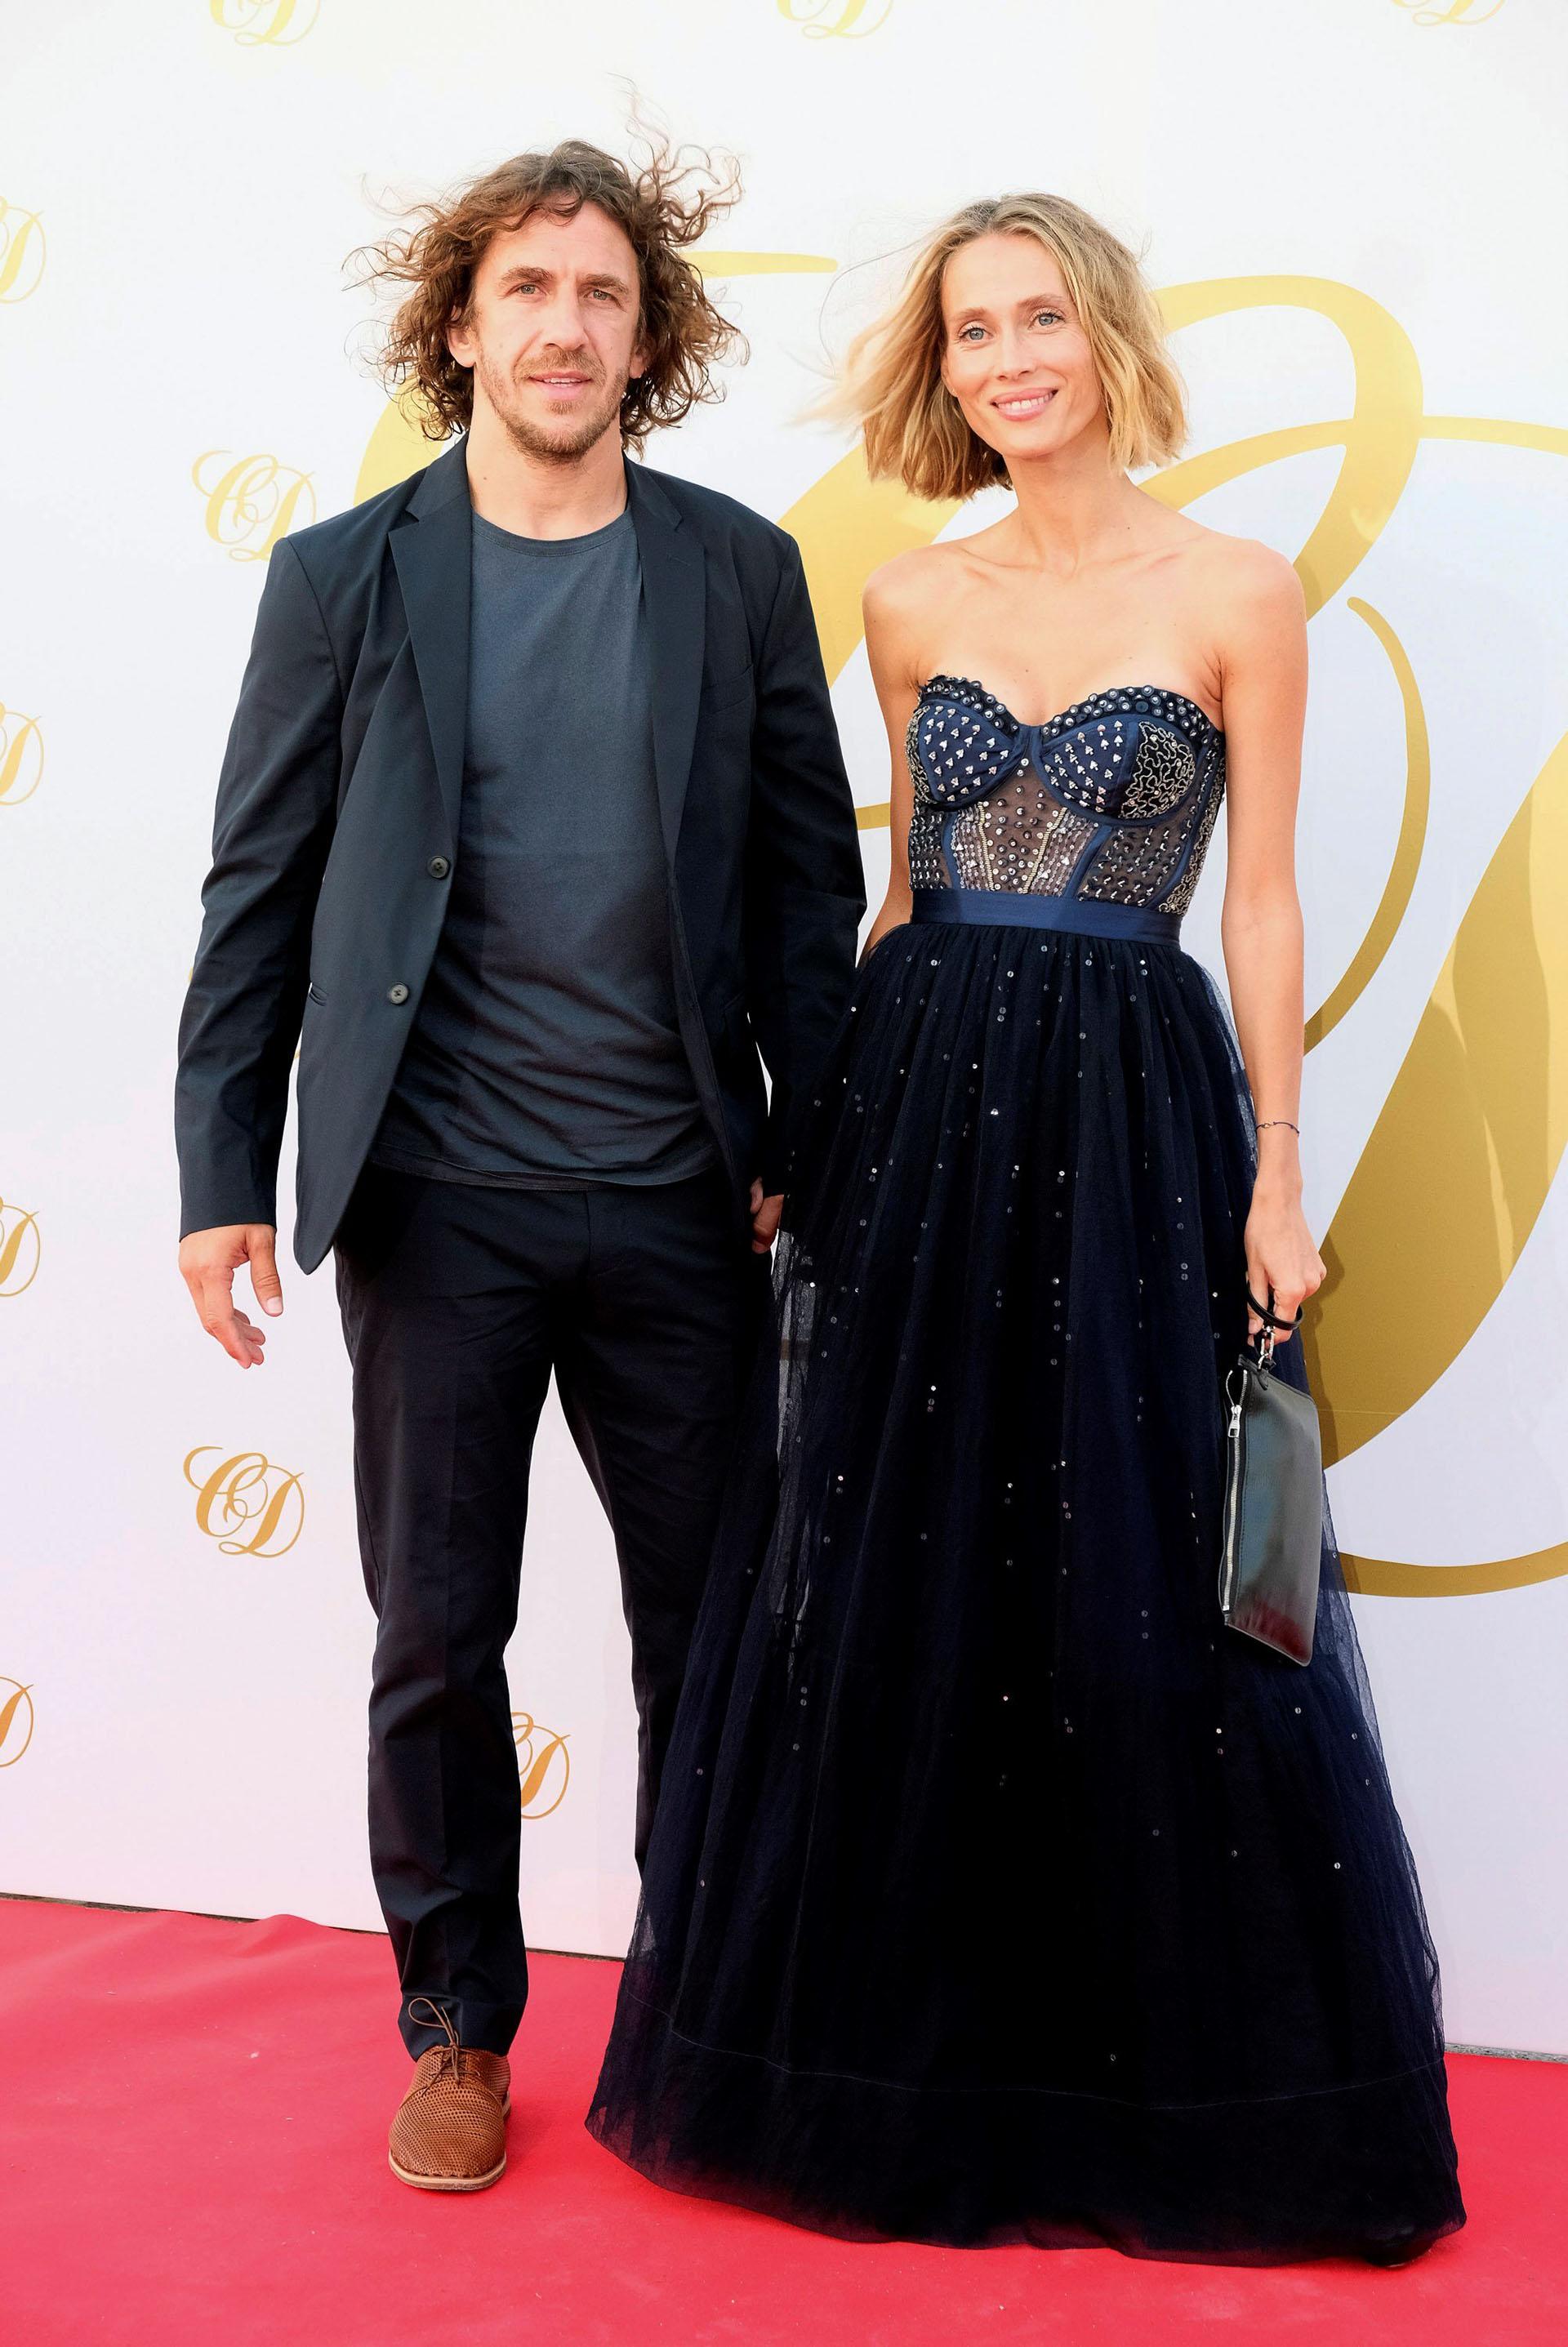 El ex futbolista Carles Puyol y su mujer, Vanesa Lorenzo